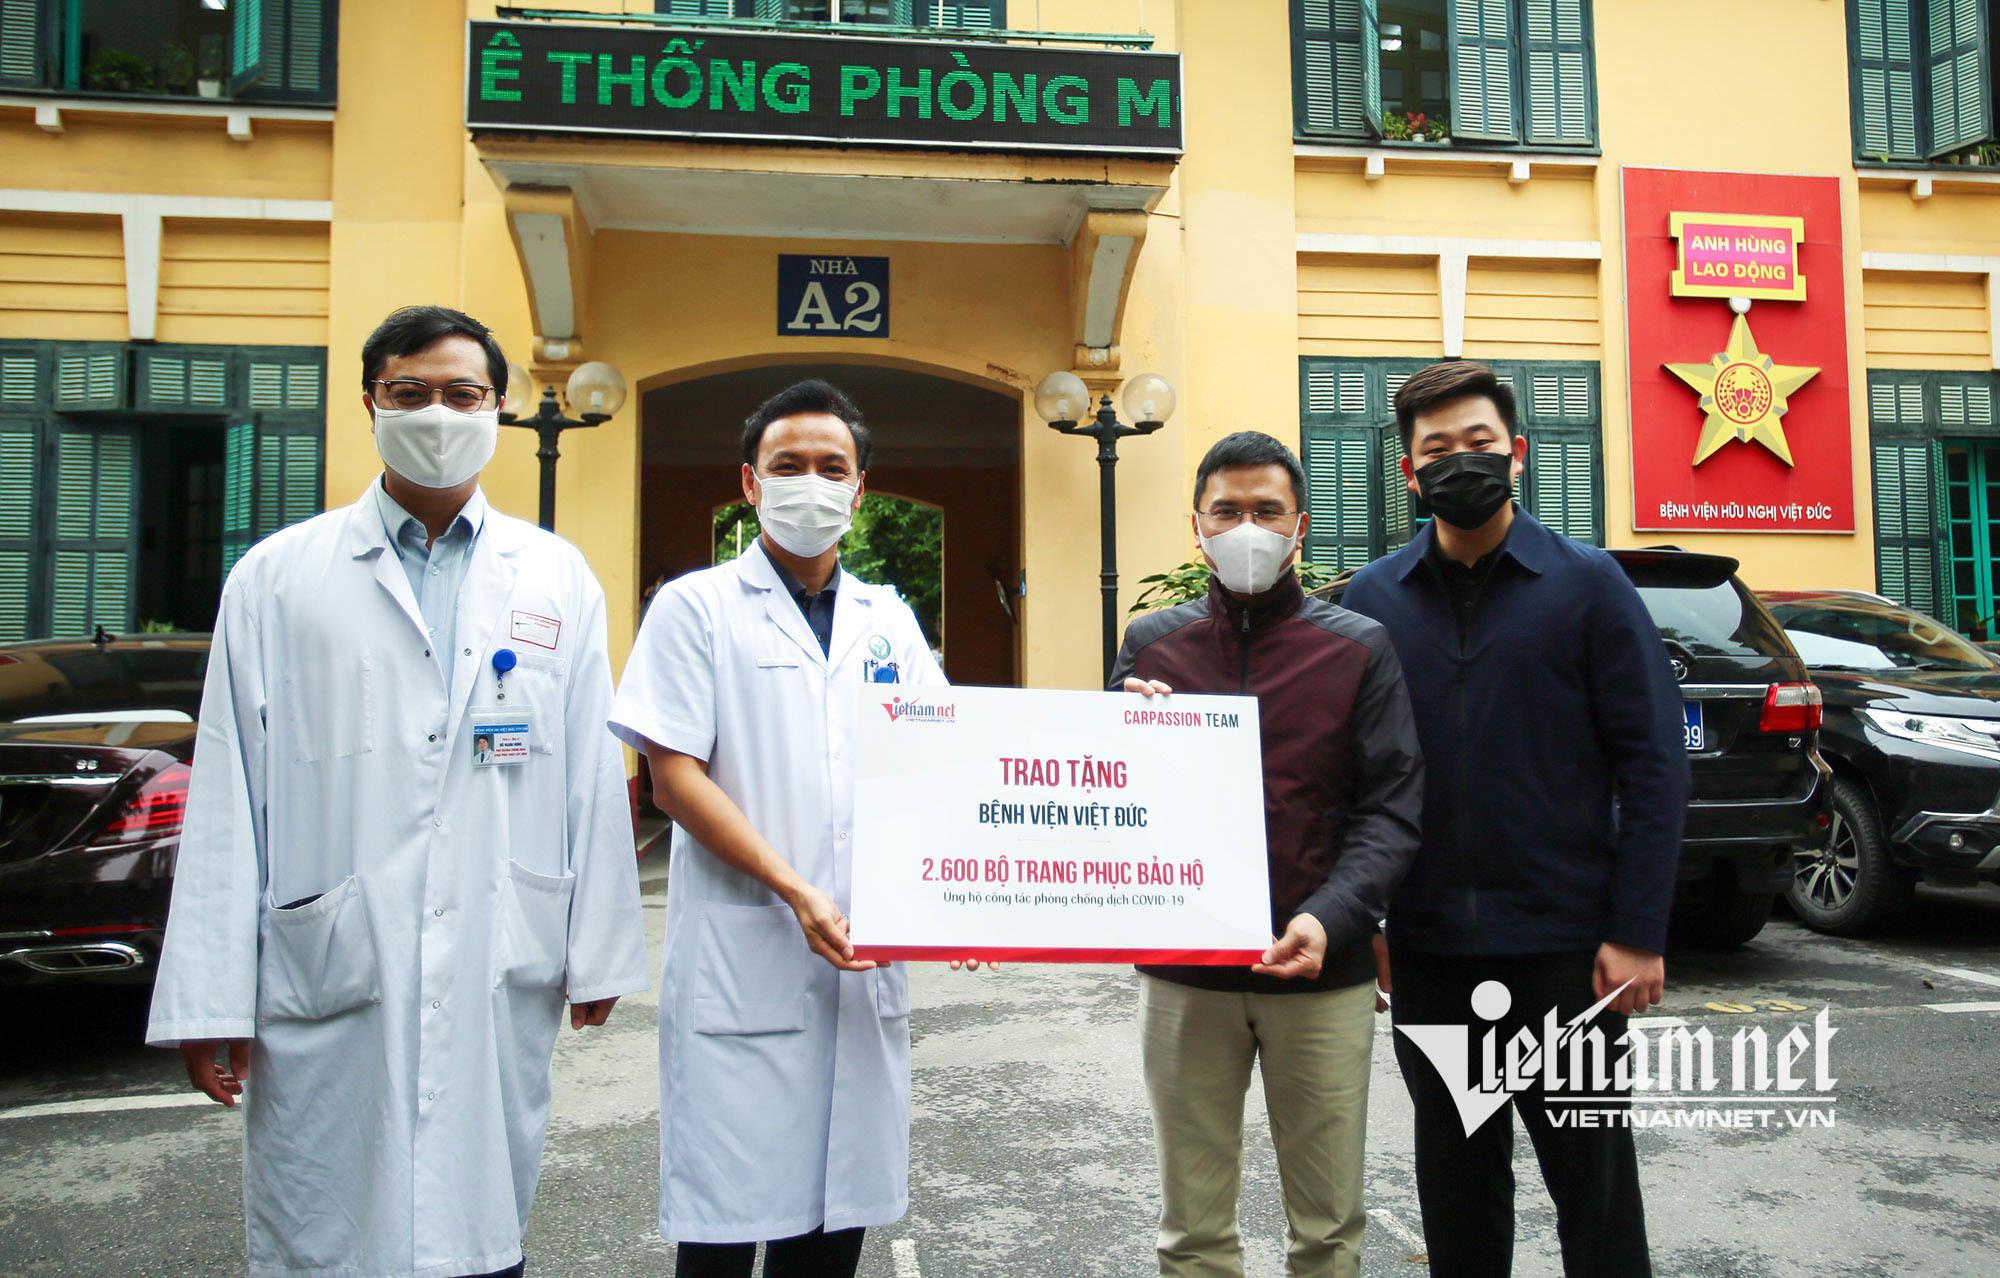 VietNamNet và CarPassion trao tặng 2.600 trang phục bảo hộ đến Bệnh viện Việt Đức